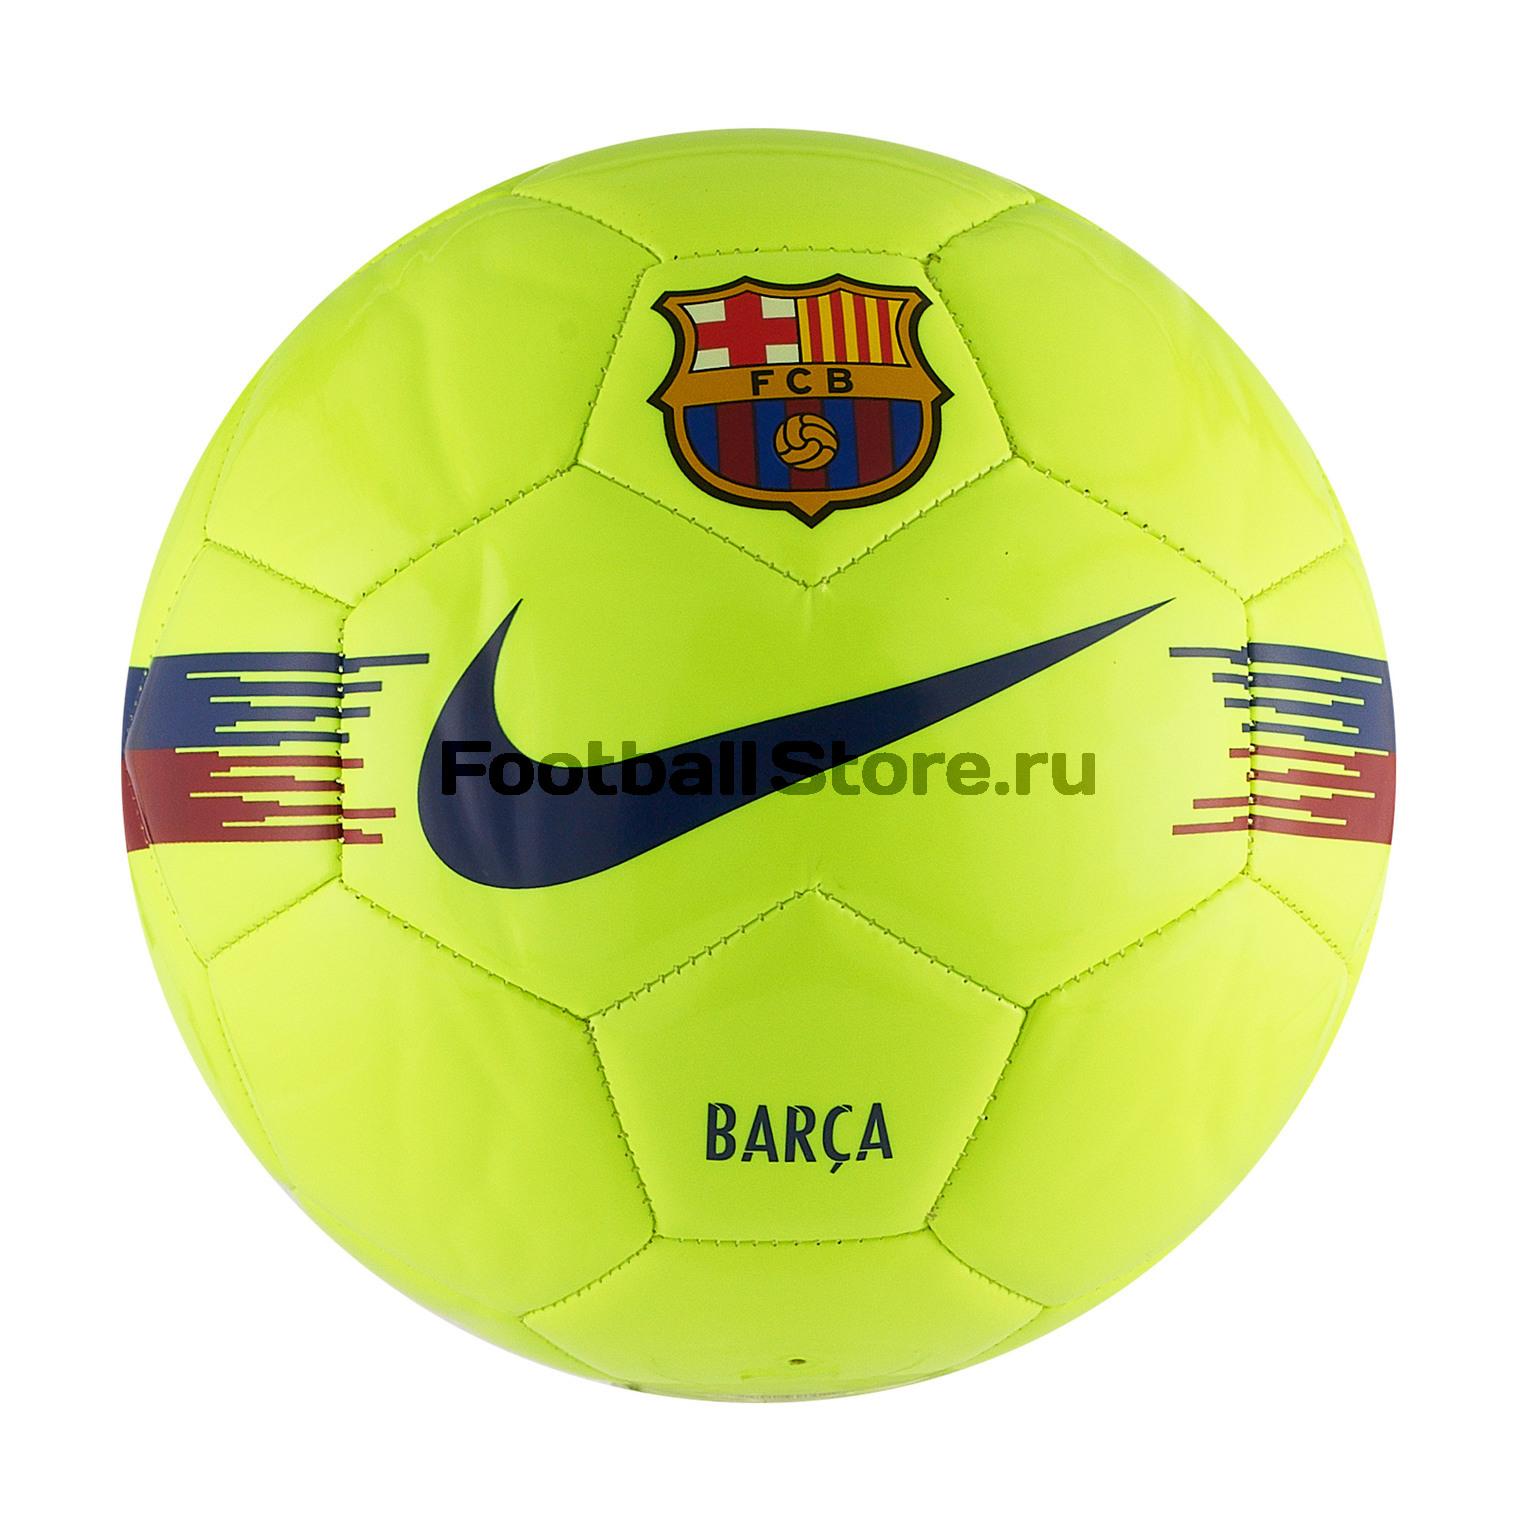 Мяч футбольный Nike Barcelona Prestige 2018/19 мячи спортивные mitre мяч футбольный mitre futsal tempest